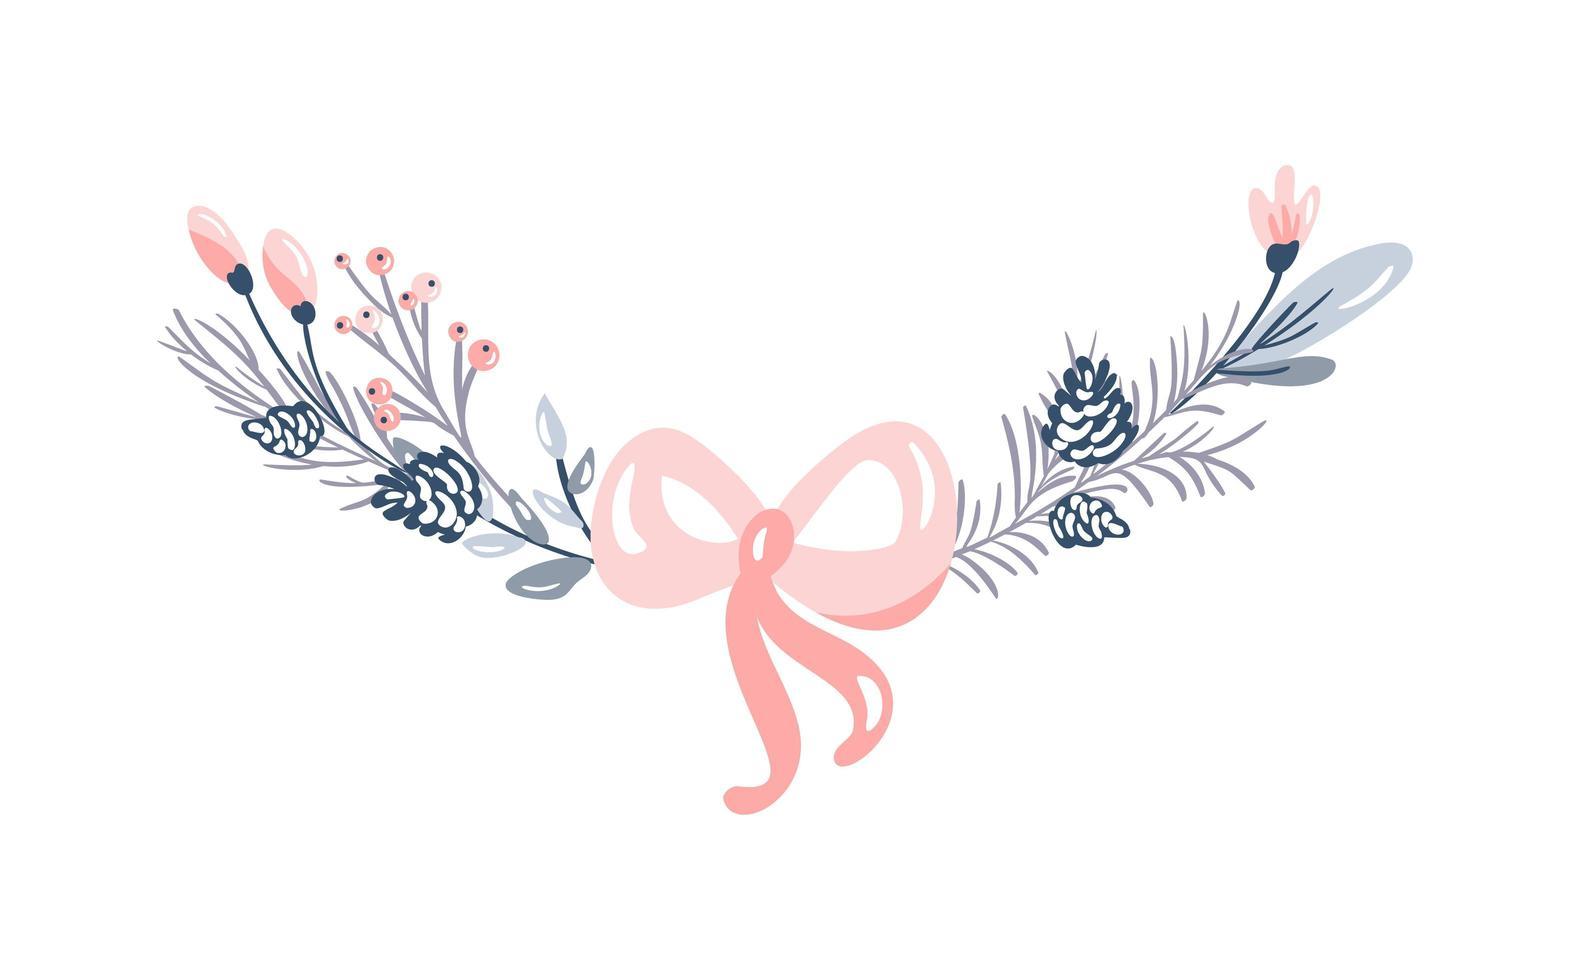 décoration de branches de Noël vecteur